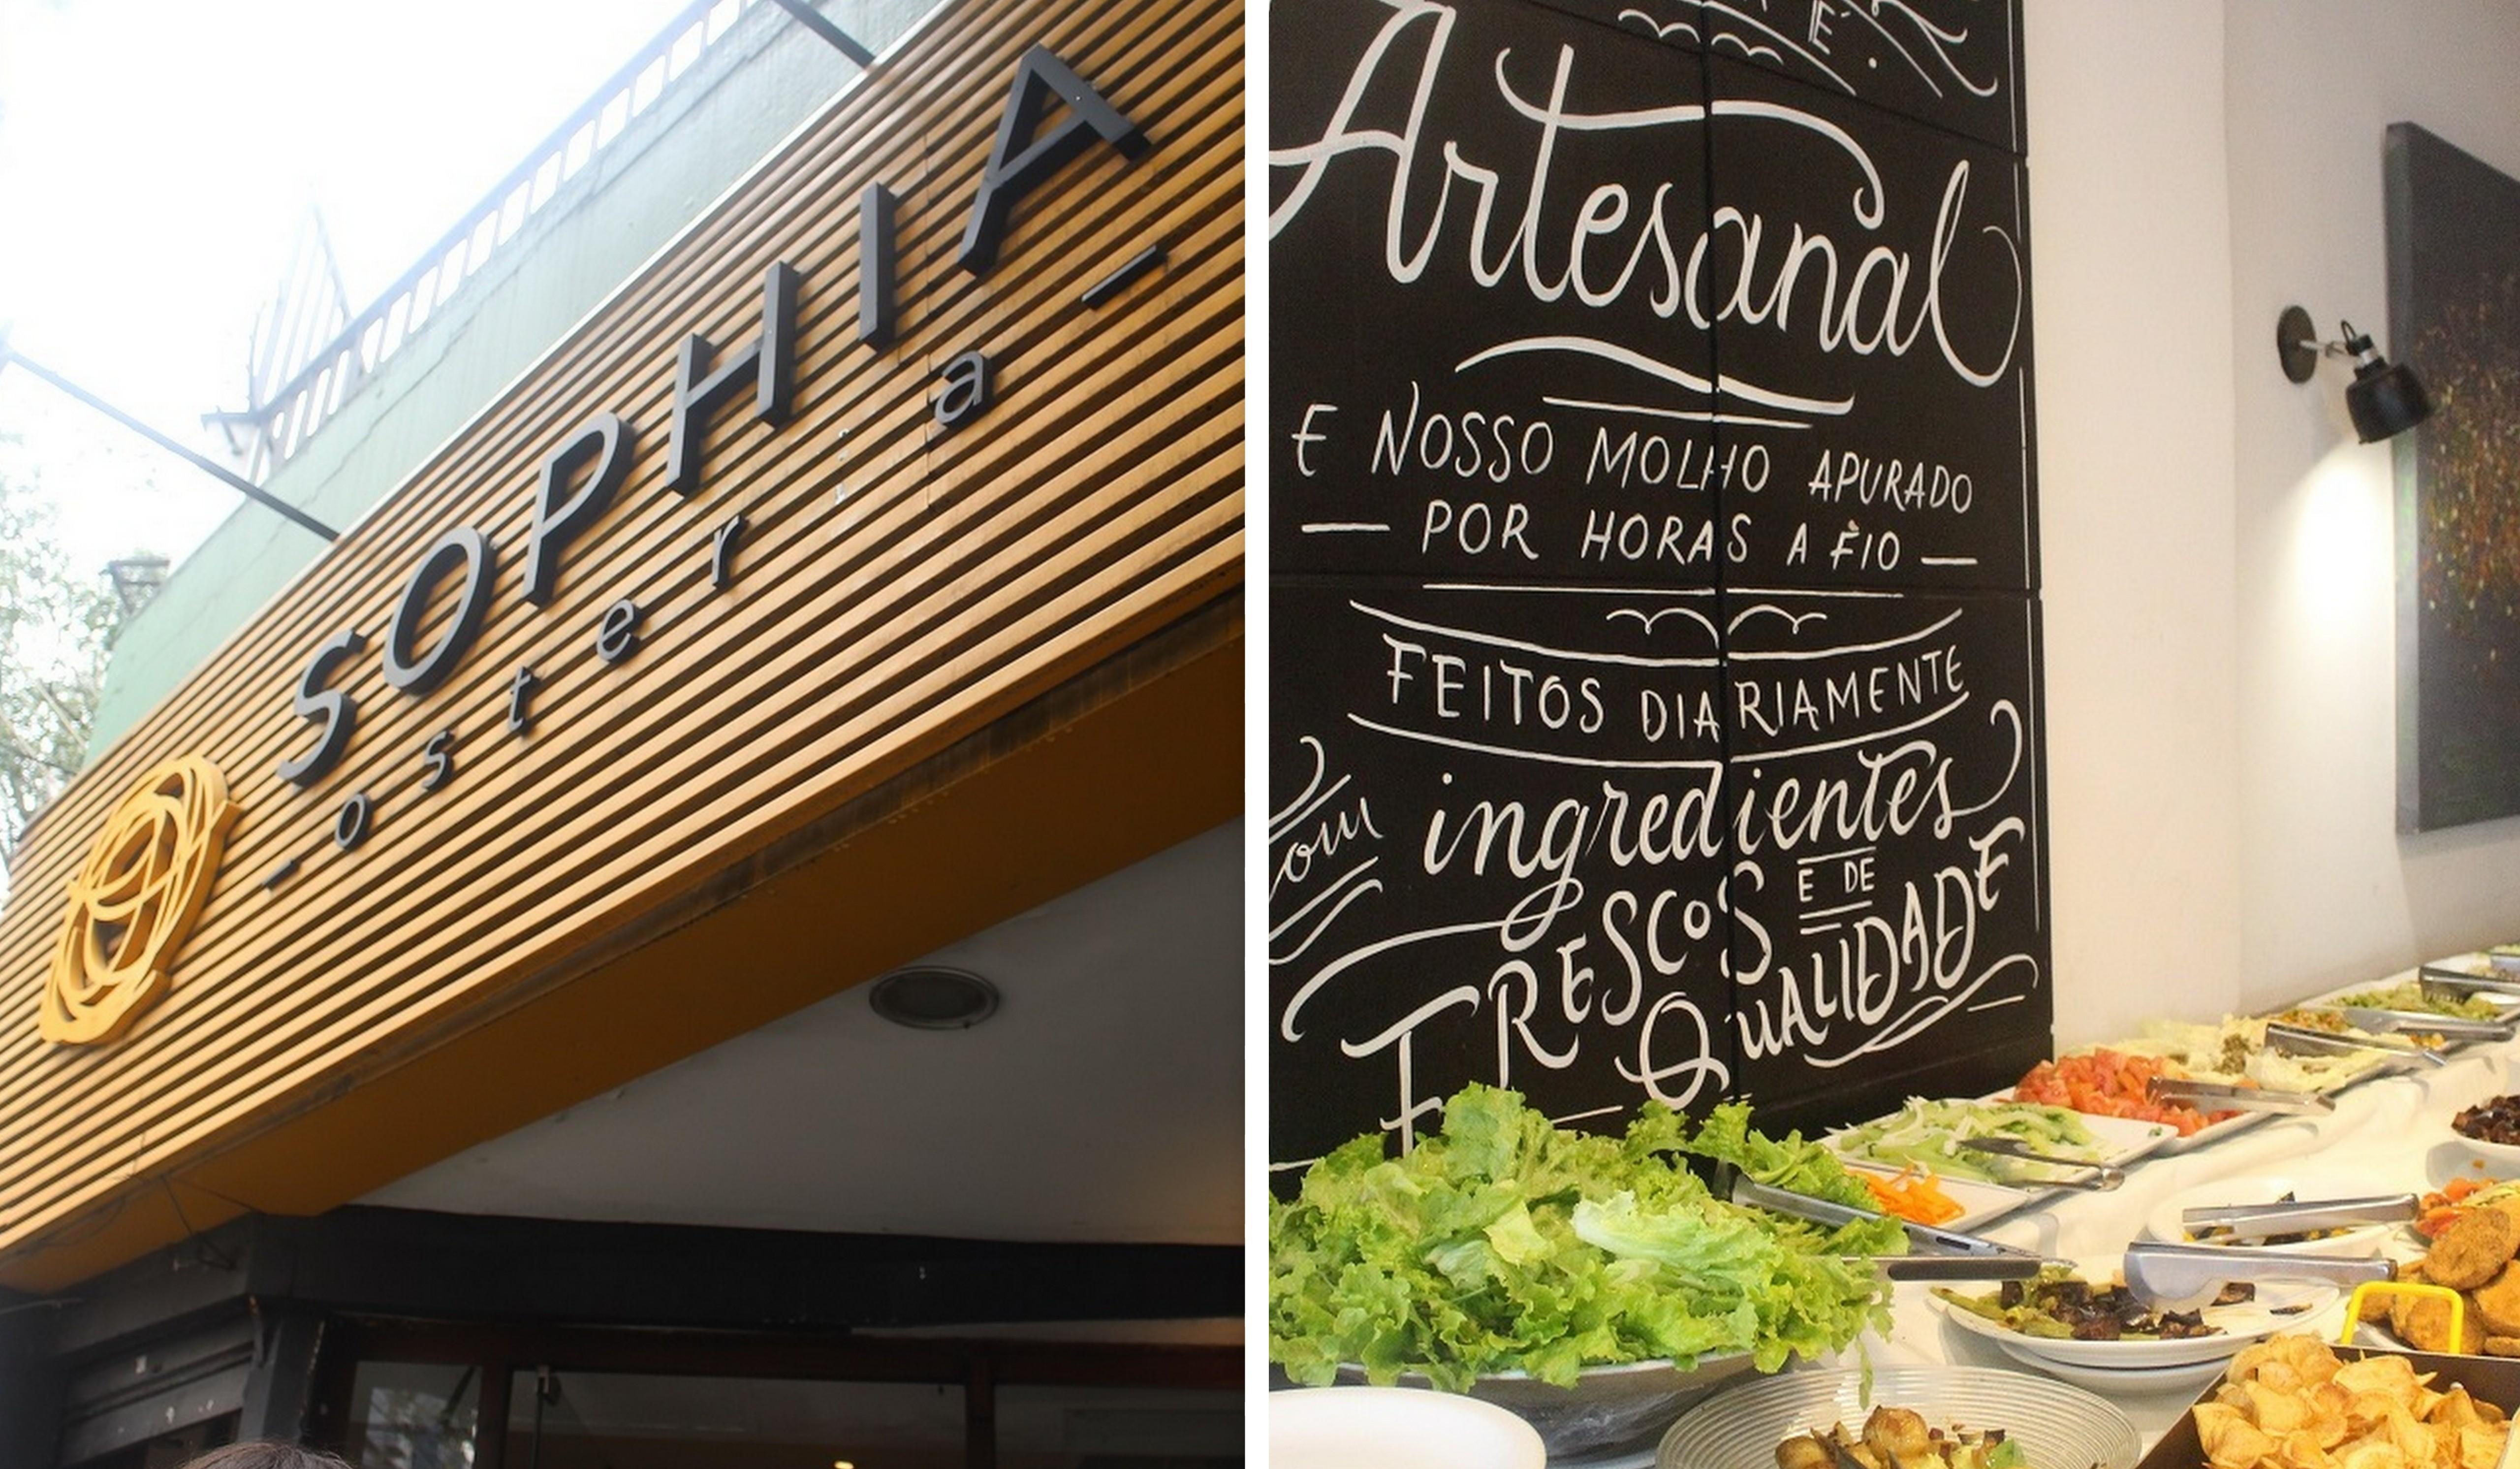 Restaurante dá refeições de graça para crianças com câncer e emociona famílias carentes 2